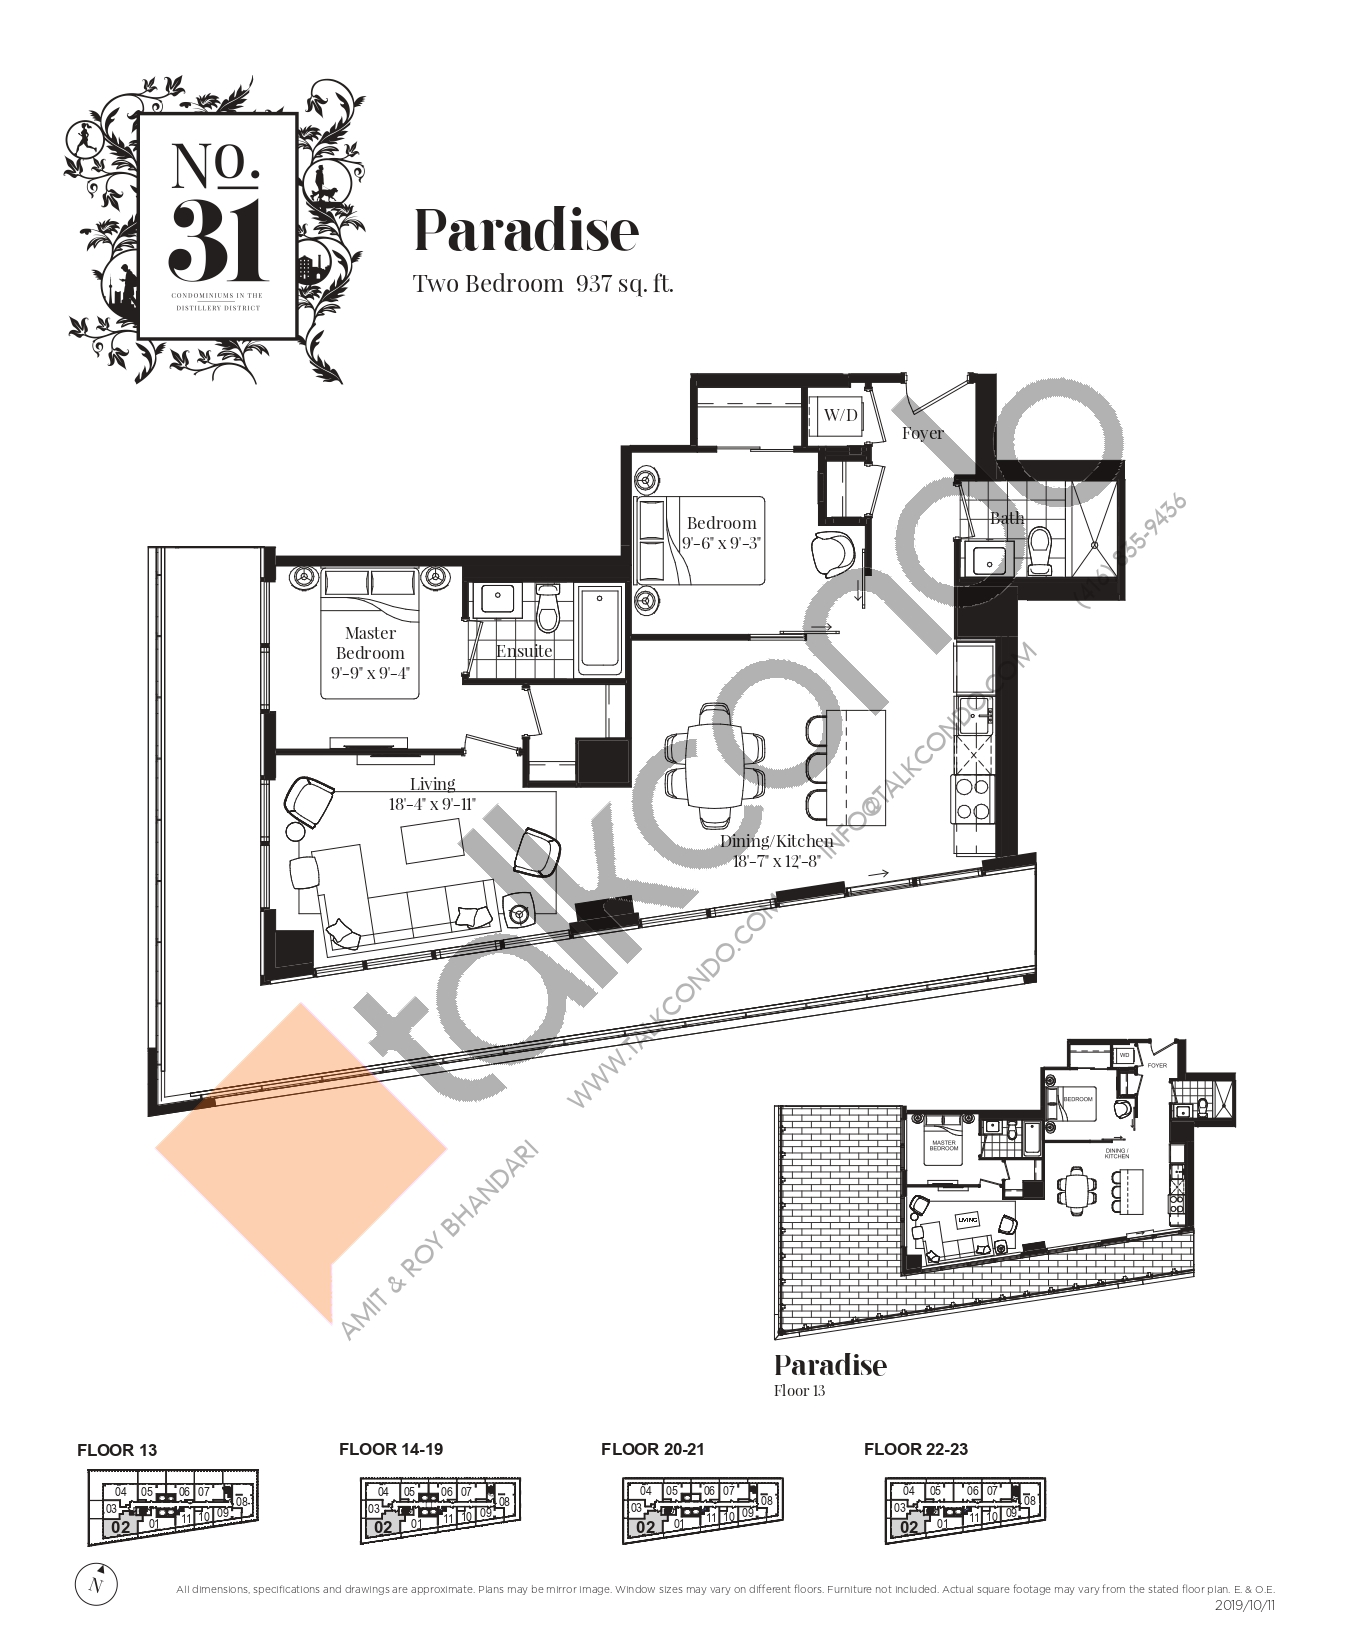 Paradise Floor Plan at No. 31 Condos - 937 sq.ft